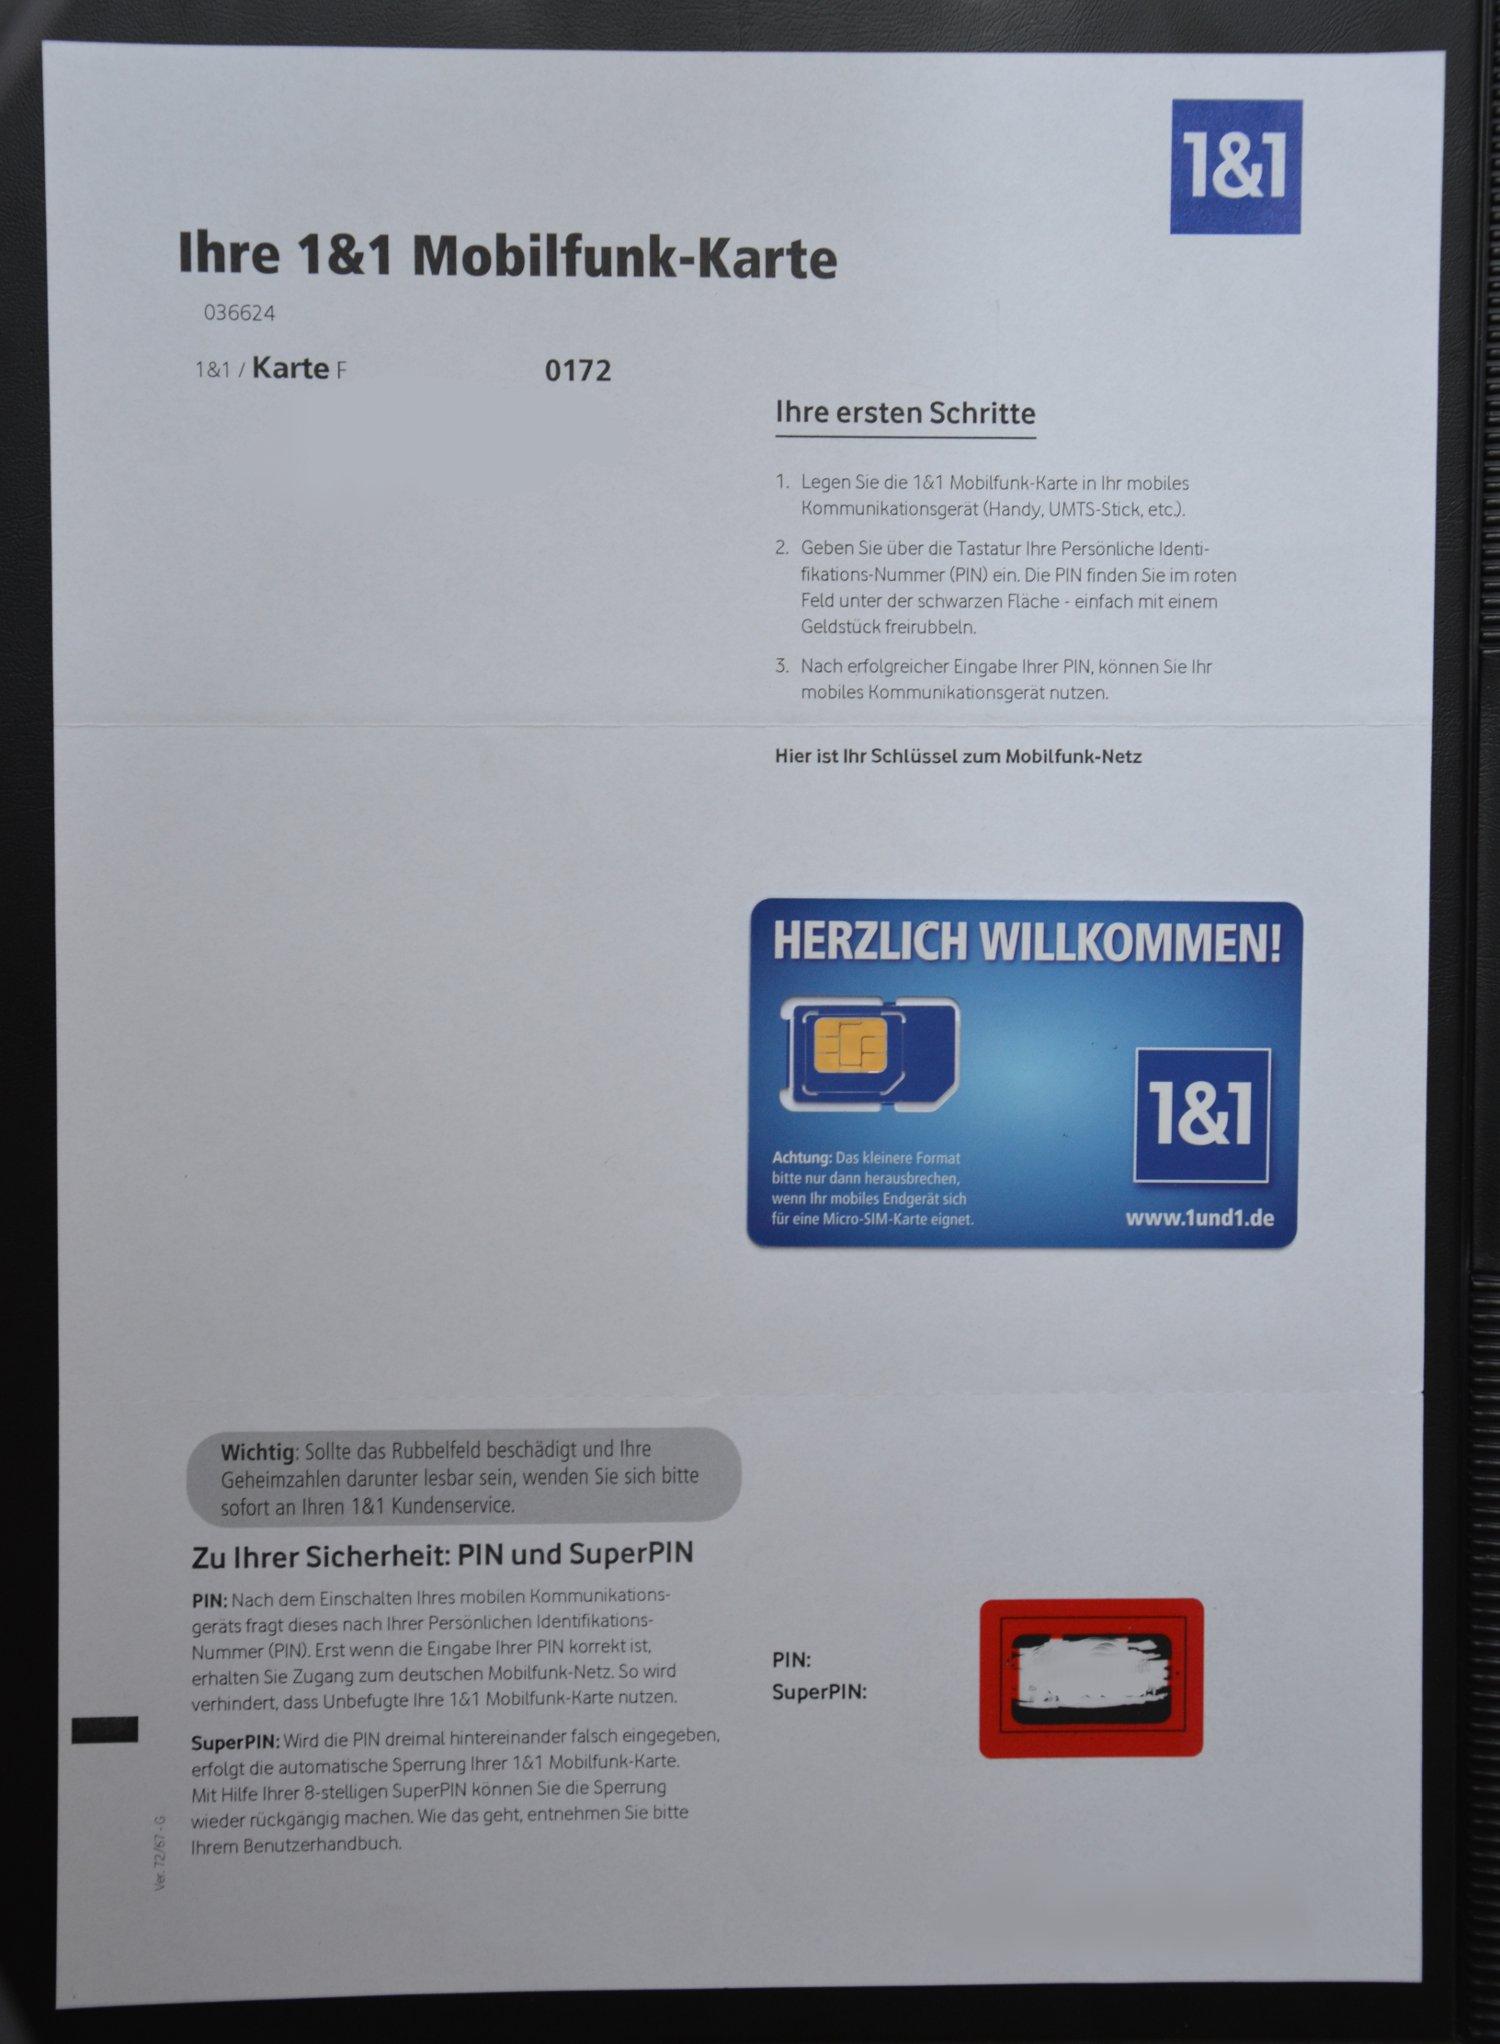 1 Amp 1 All Net Flat Im Test Erfahrungen Im Vodafone D2 Netz